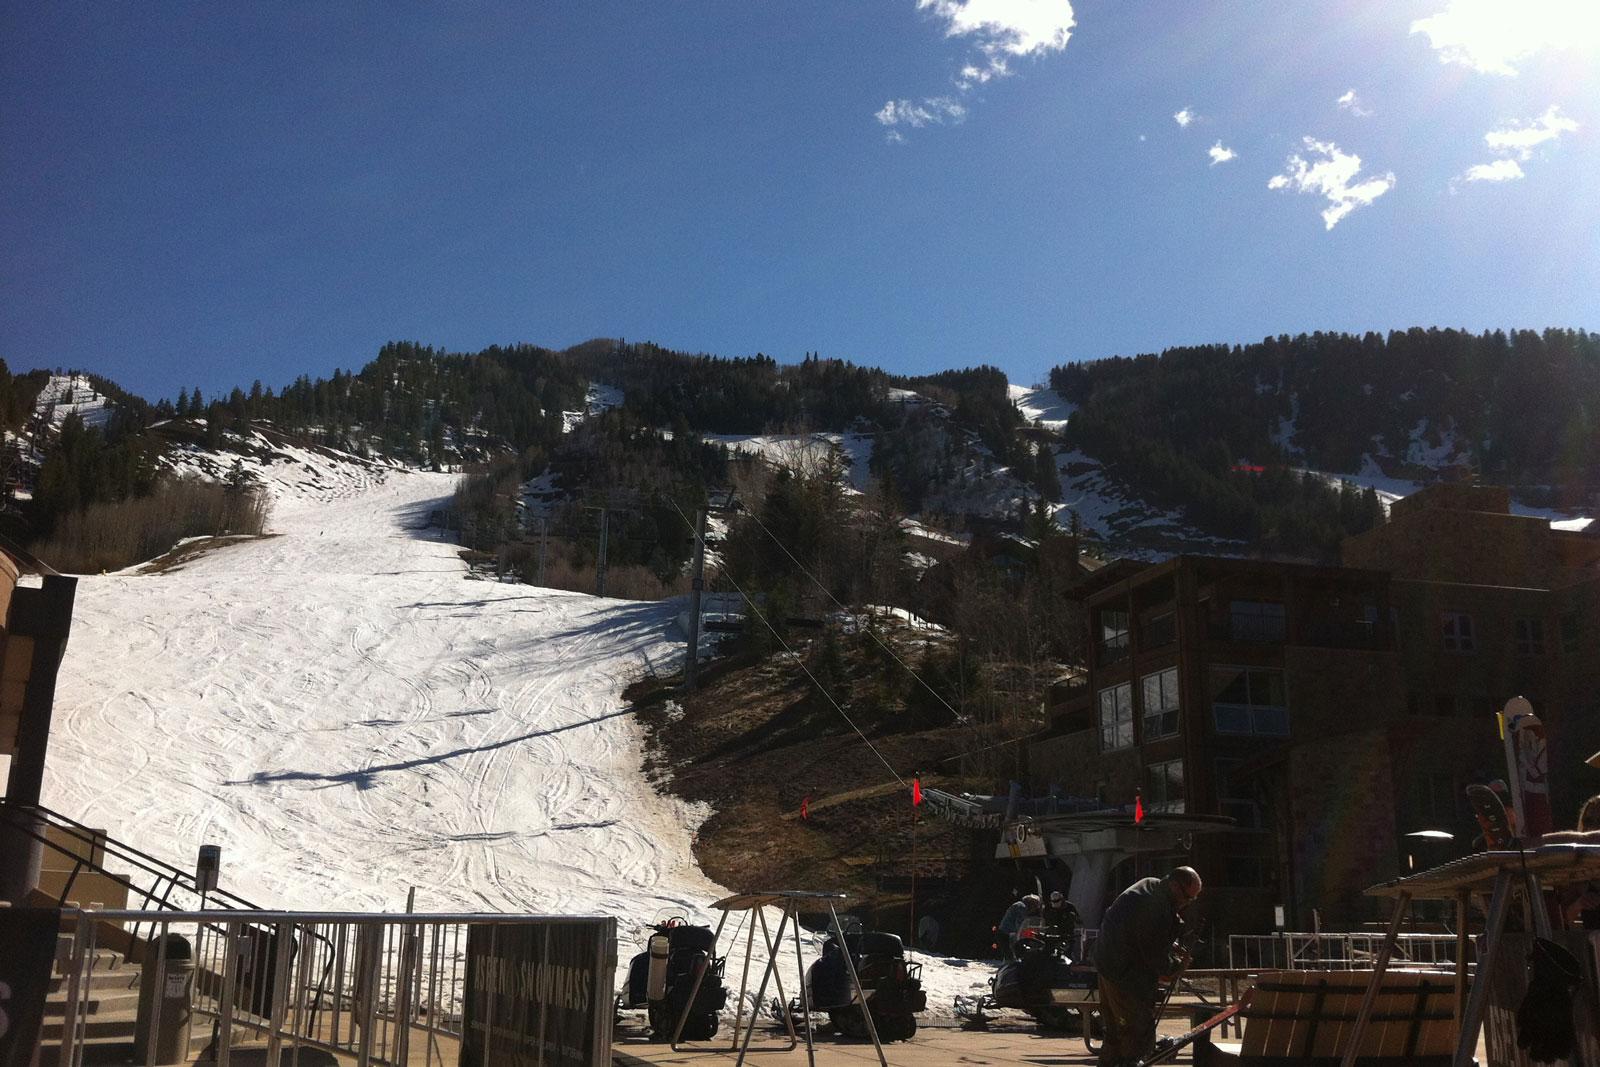 Backcountry Skiing in Colorado: Aspen